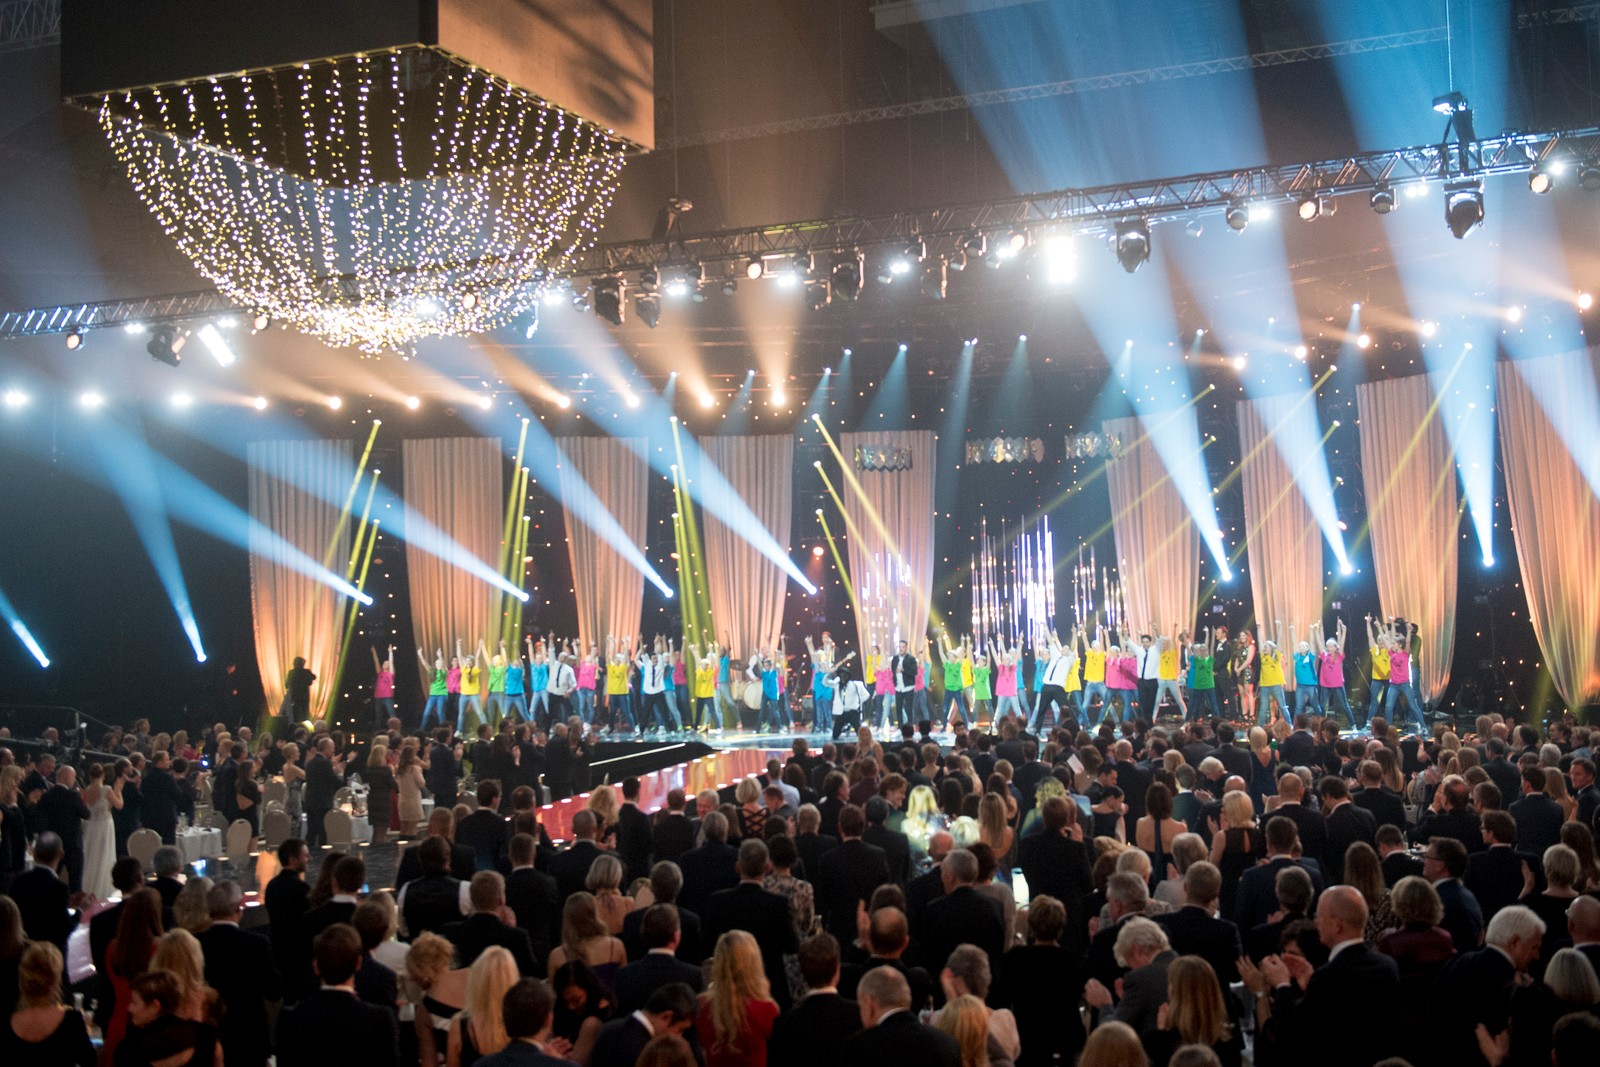 Mo & Sirius med OL-dansen på scenen under Idrettsgallaen 2016.